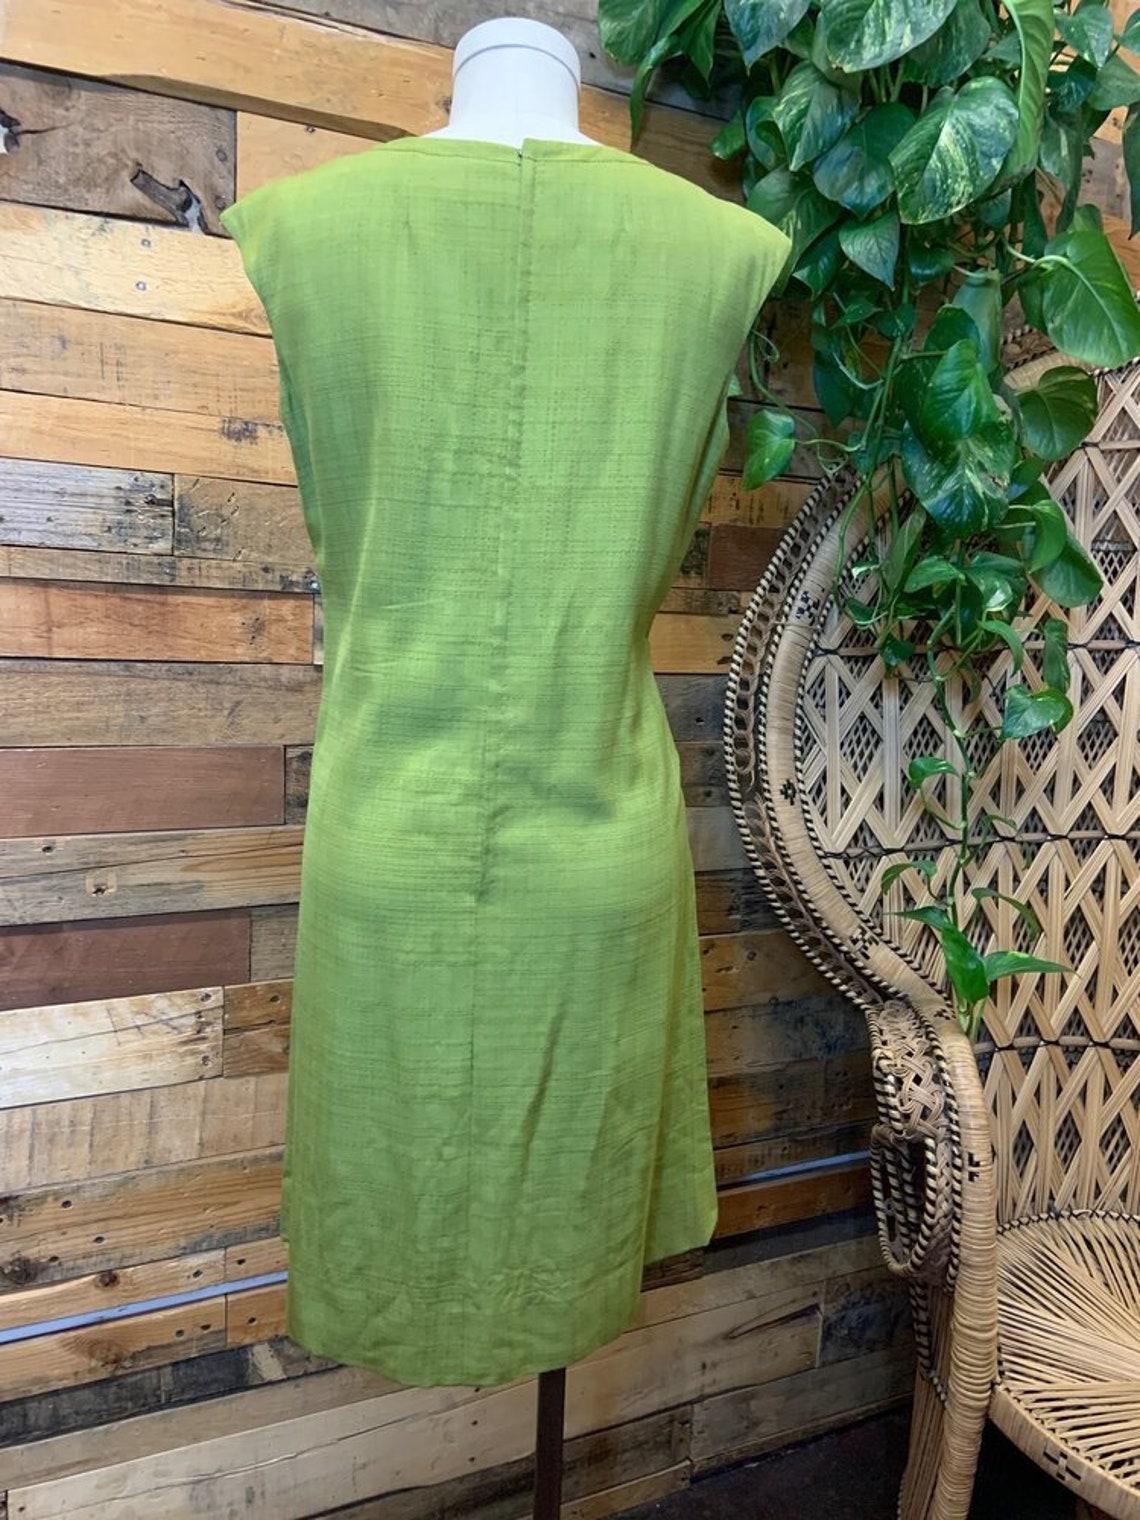 60s Mod Avocado Dress